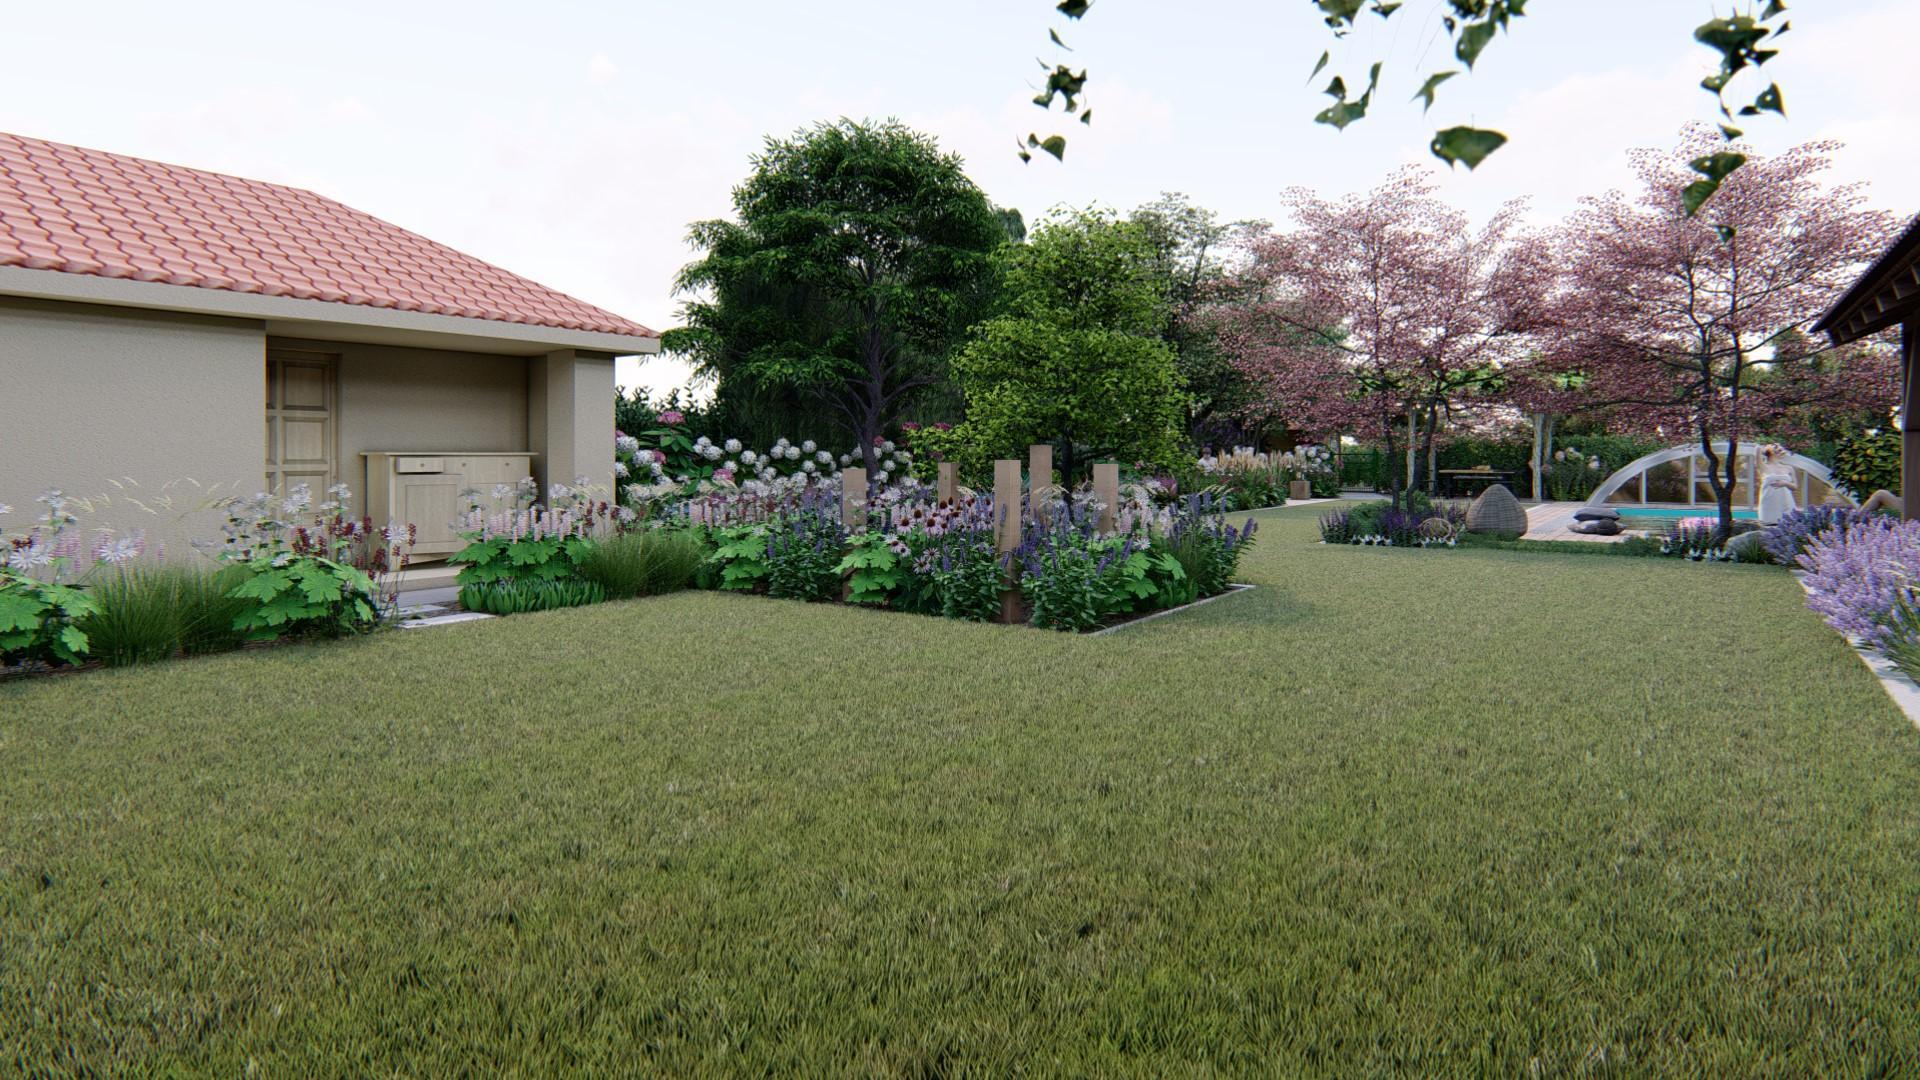 Záhrada s brezami - Obrázok č. 22